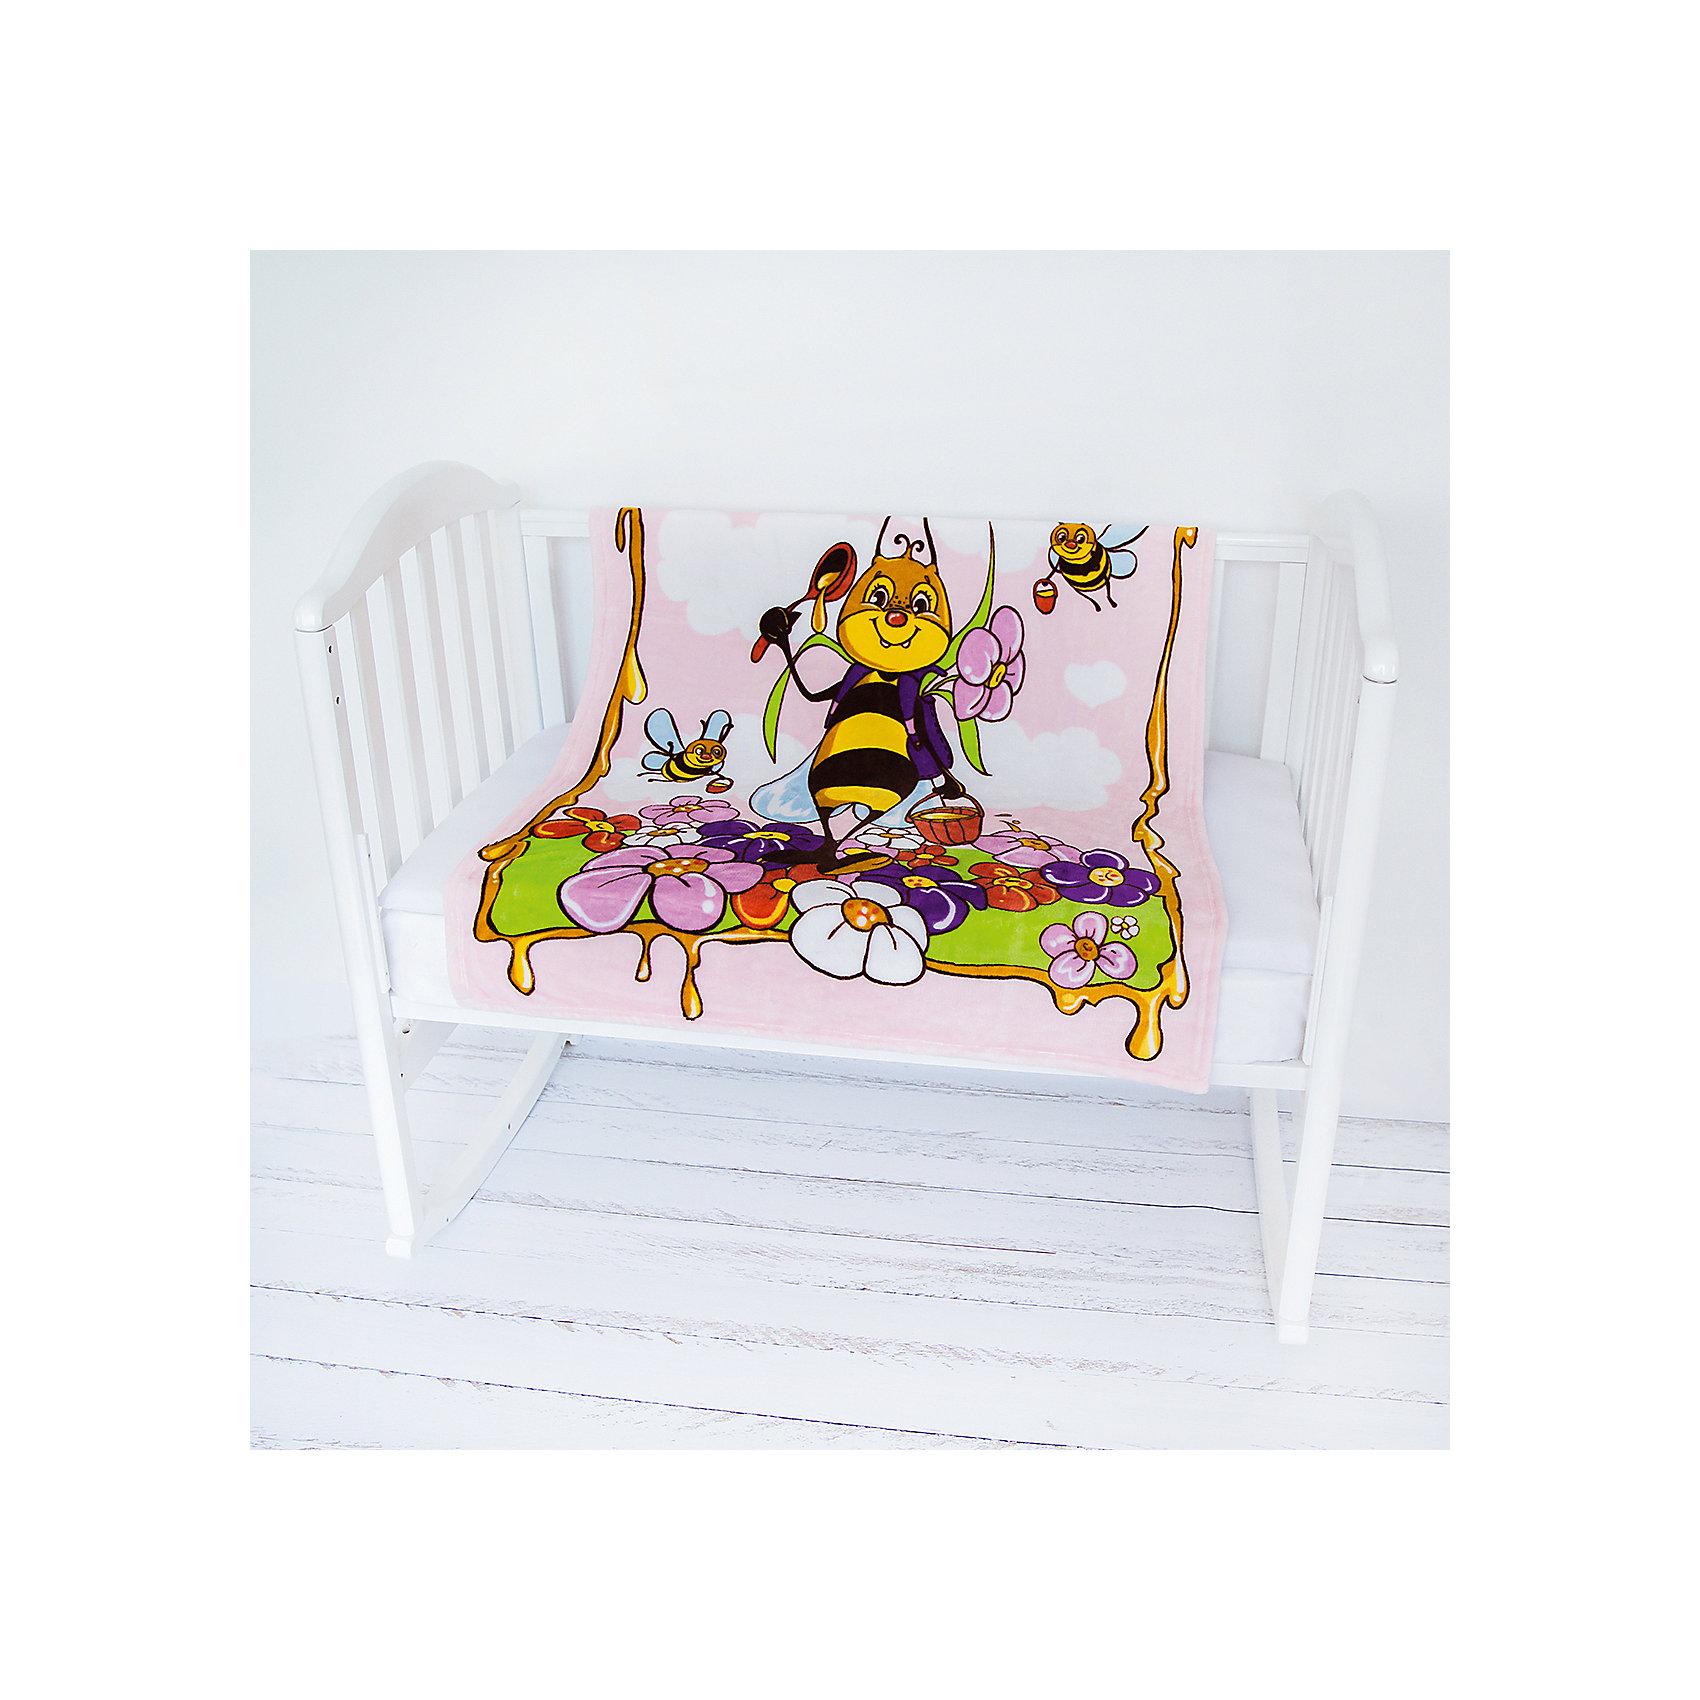 Плед- покрывало Micro Flannel, 100х118 см., Baby Nice, пчелы/розовыйОдеяла, пледы<br>Нежные, очень комфортные к телу пледы-покрывала Micro FLANNEL детские — из нового необыкновенно мягкого и уютного, бархатистого, как плюшевая игрушка, материала — легкая воздухопроницаемая ткань, обладающая влагорегулирующими и терморегулирующими свойствами. Micro FLANNEL поддерживает температурный баланс, надежно сохраняет тепло, не раздражает кожу, является гипоаллергенным. Этот материал, достаточно новый для России, благодаря своему высокому качеству и необыкновенным потребительским свойствам, успел завоевать заслуженное признание за рубежом, особенно в Европе; обладает антипиллинговым свойством, не впитывает запахи, легок в стирке, не усаживается, быстро сохнет. Гипоаллергенными красителями нанесены эксклюзивные рисунки 3D.<br><br>Ширина мм: 200<br>Глубина мм: 150<br>Высота мм: 20<br>Вес г: 250<br>Возраст от месяцев: 0<br>Возраст до месяцев: 12<br>Пол: Унисекс<br>Возраст: Детский<br>SKU: 6885020